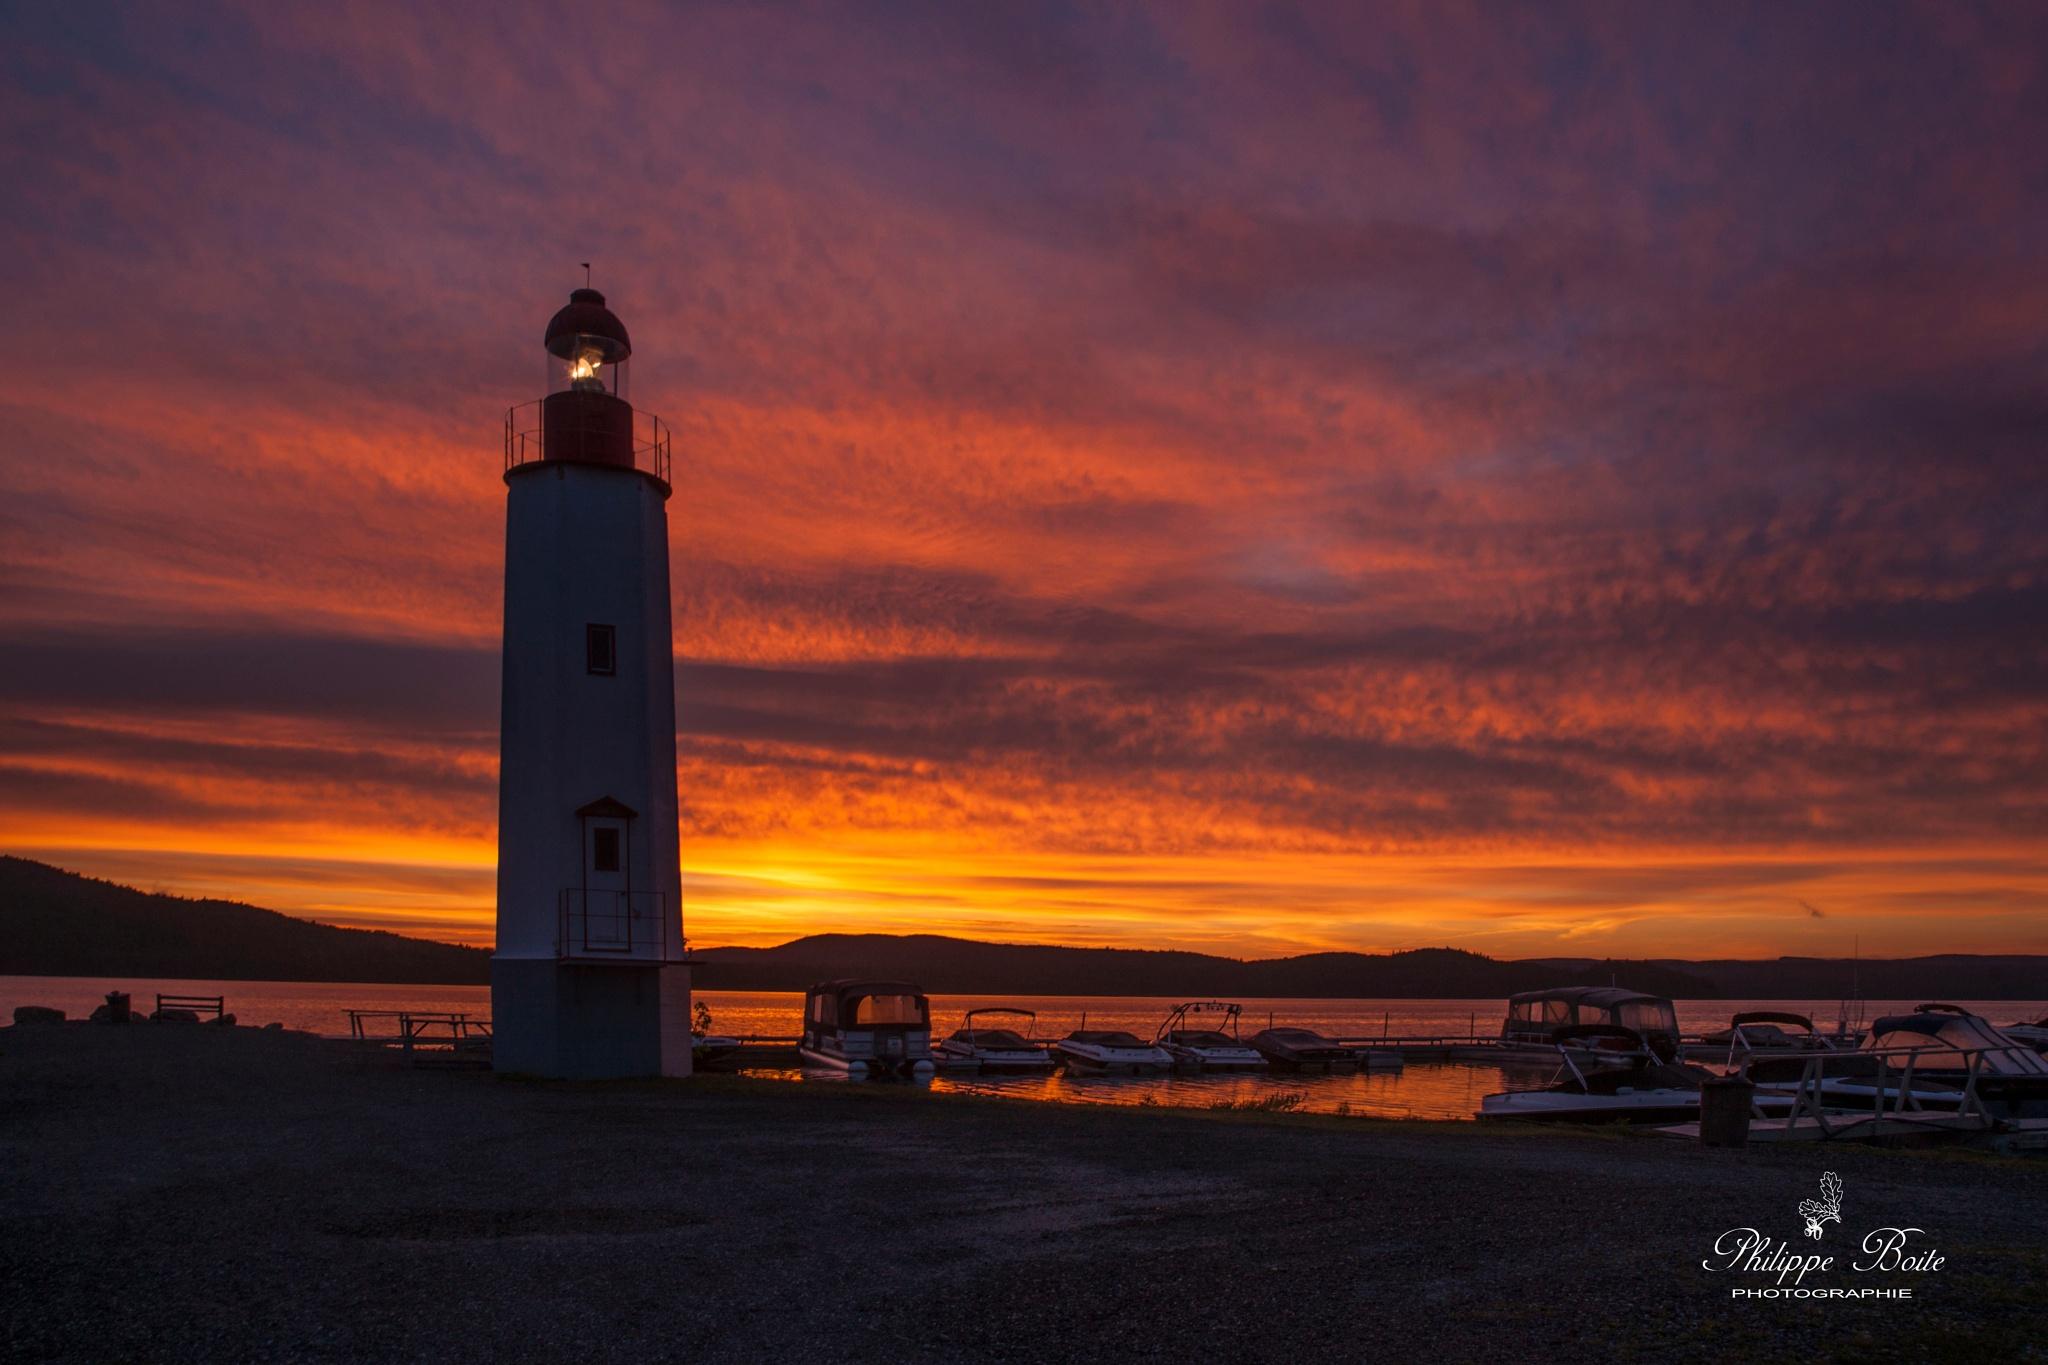 Sunrise on Cabano lighthouse by Philippe Boite